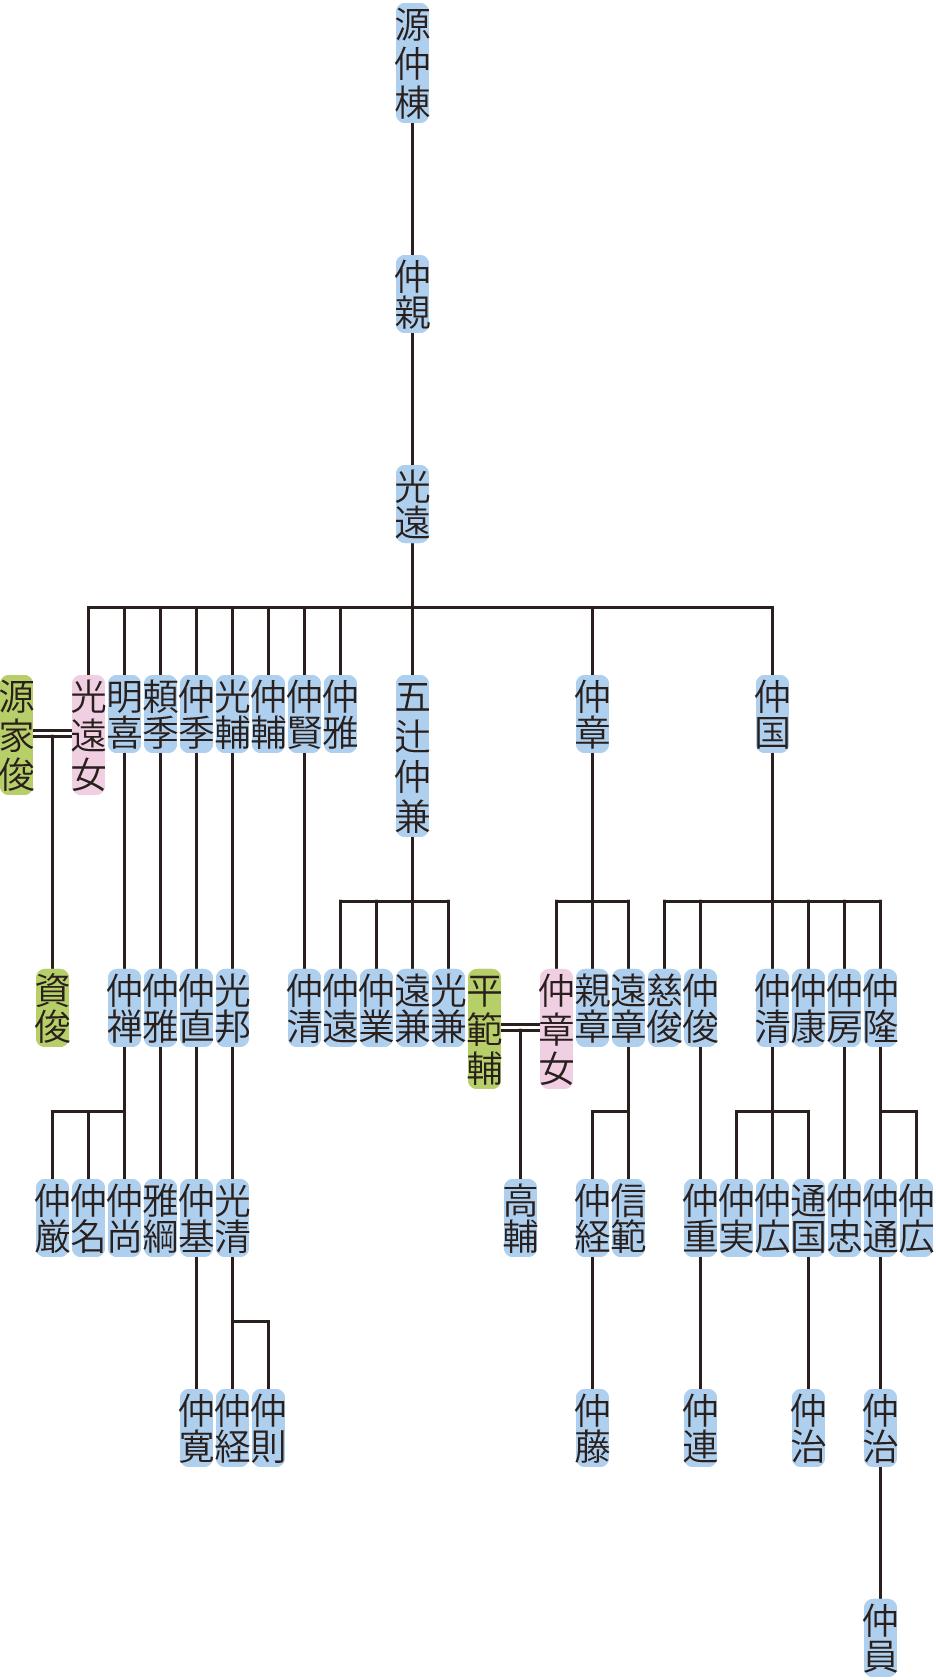 源光遠の系図